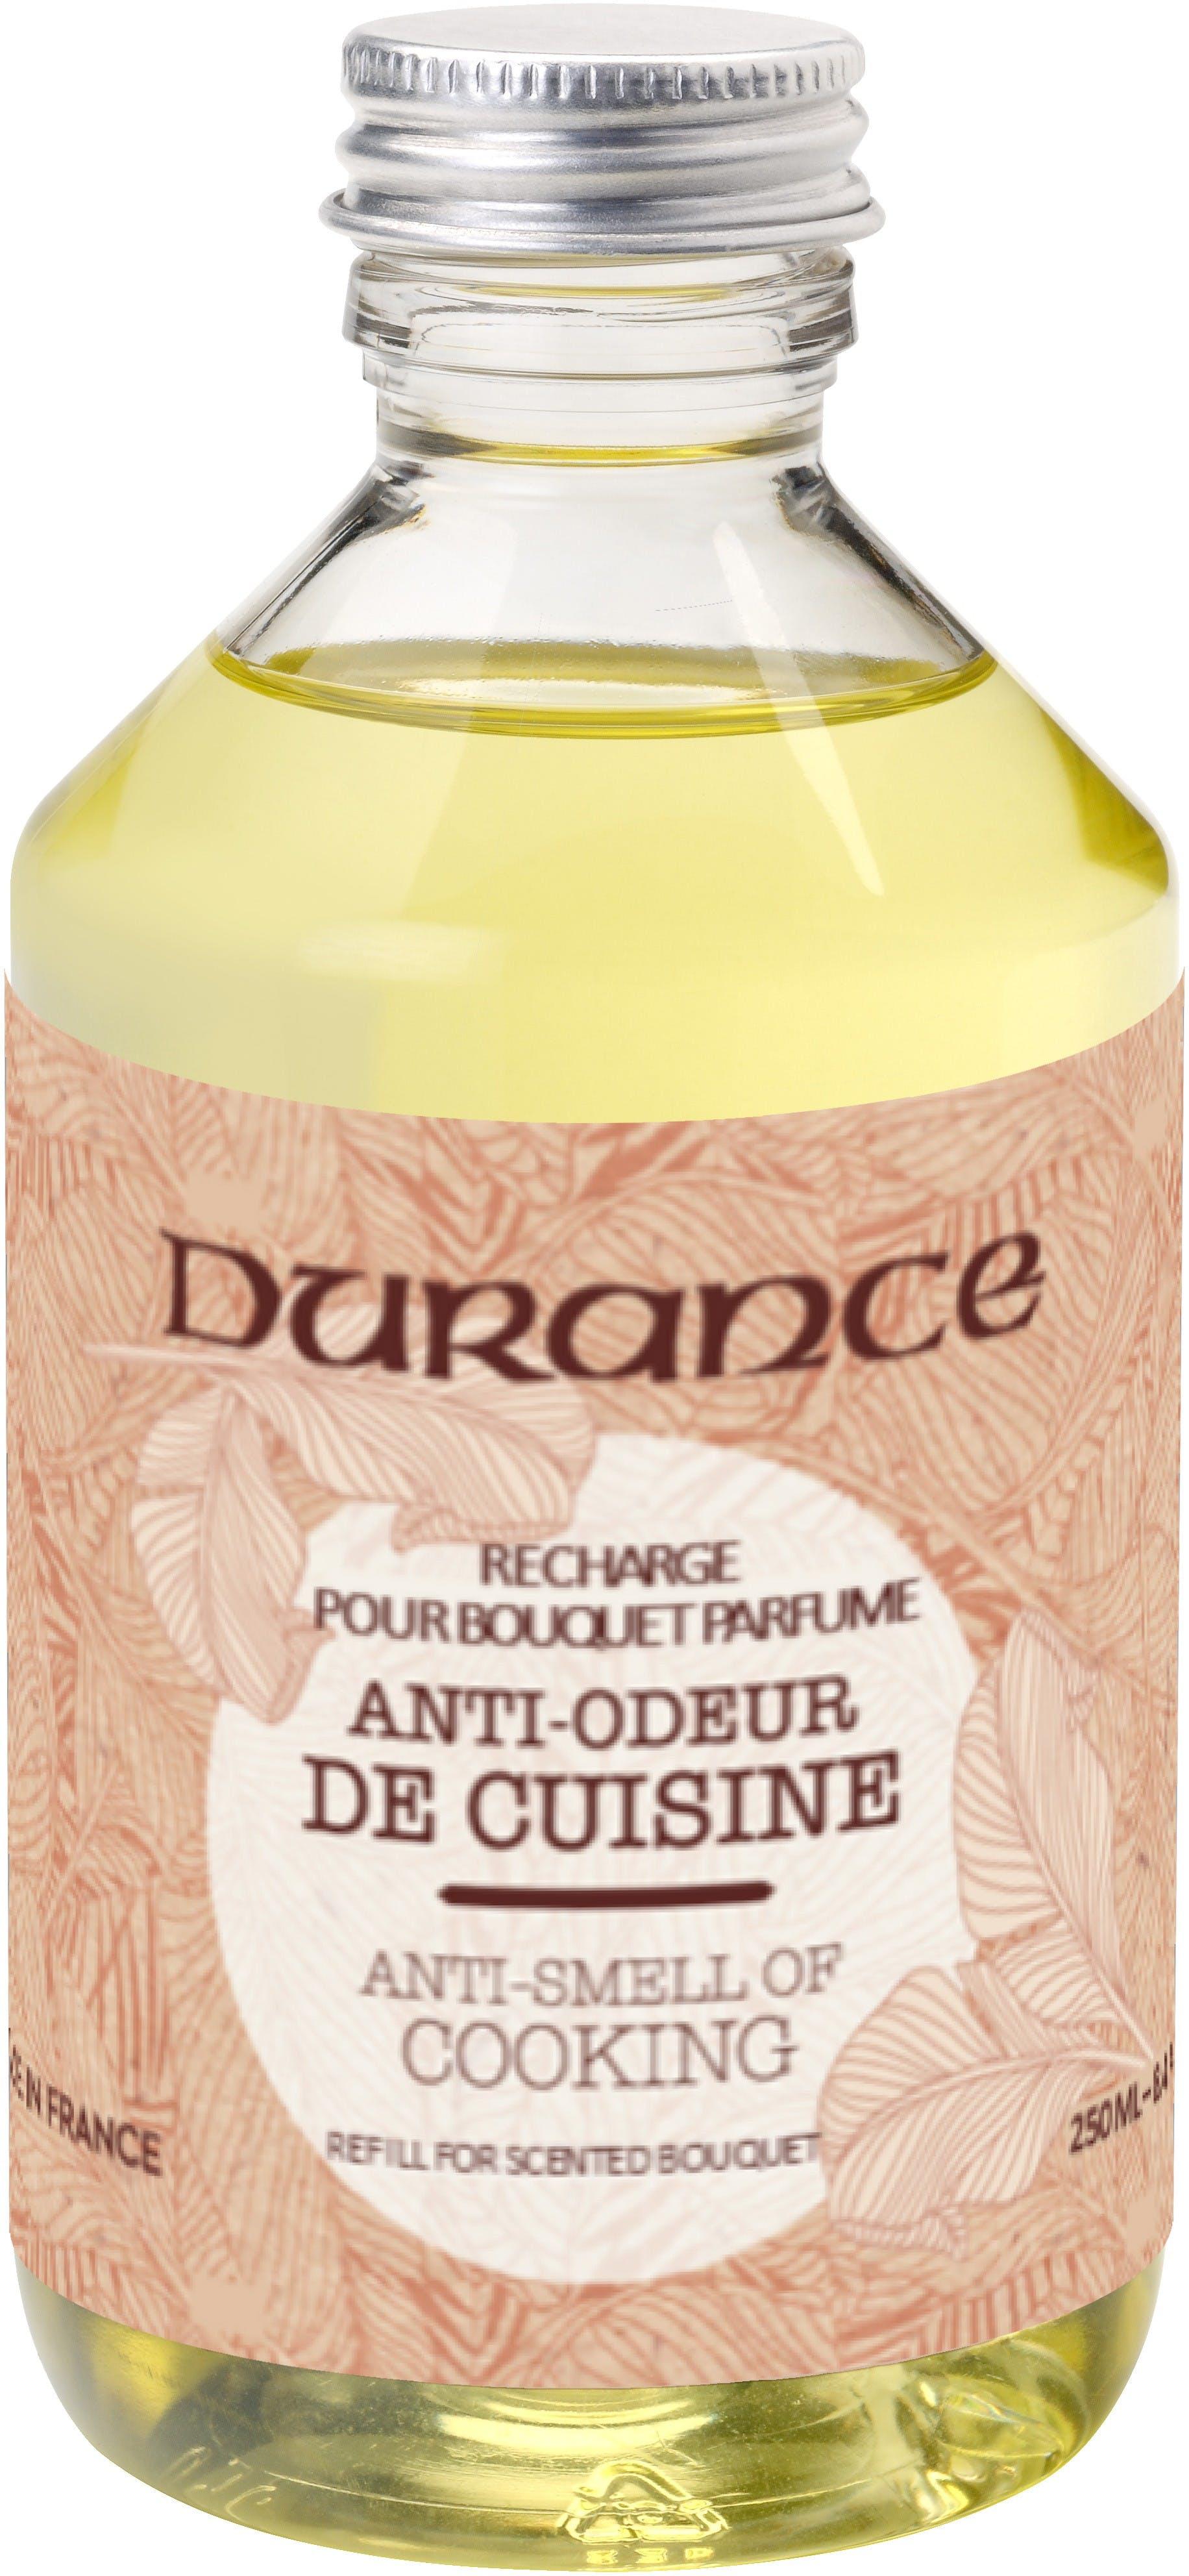 Recharge gamme Utile Anti-odeur de Cuisine pour bouquet parfumé 250ml DURANCE